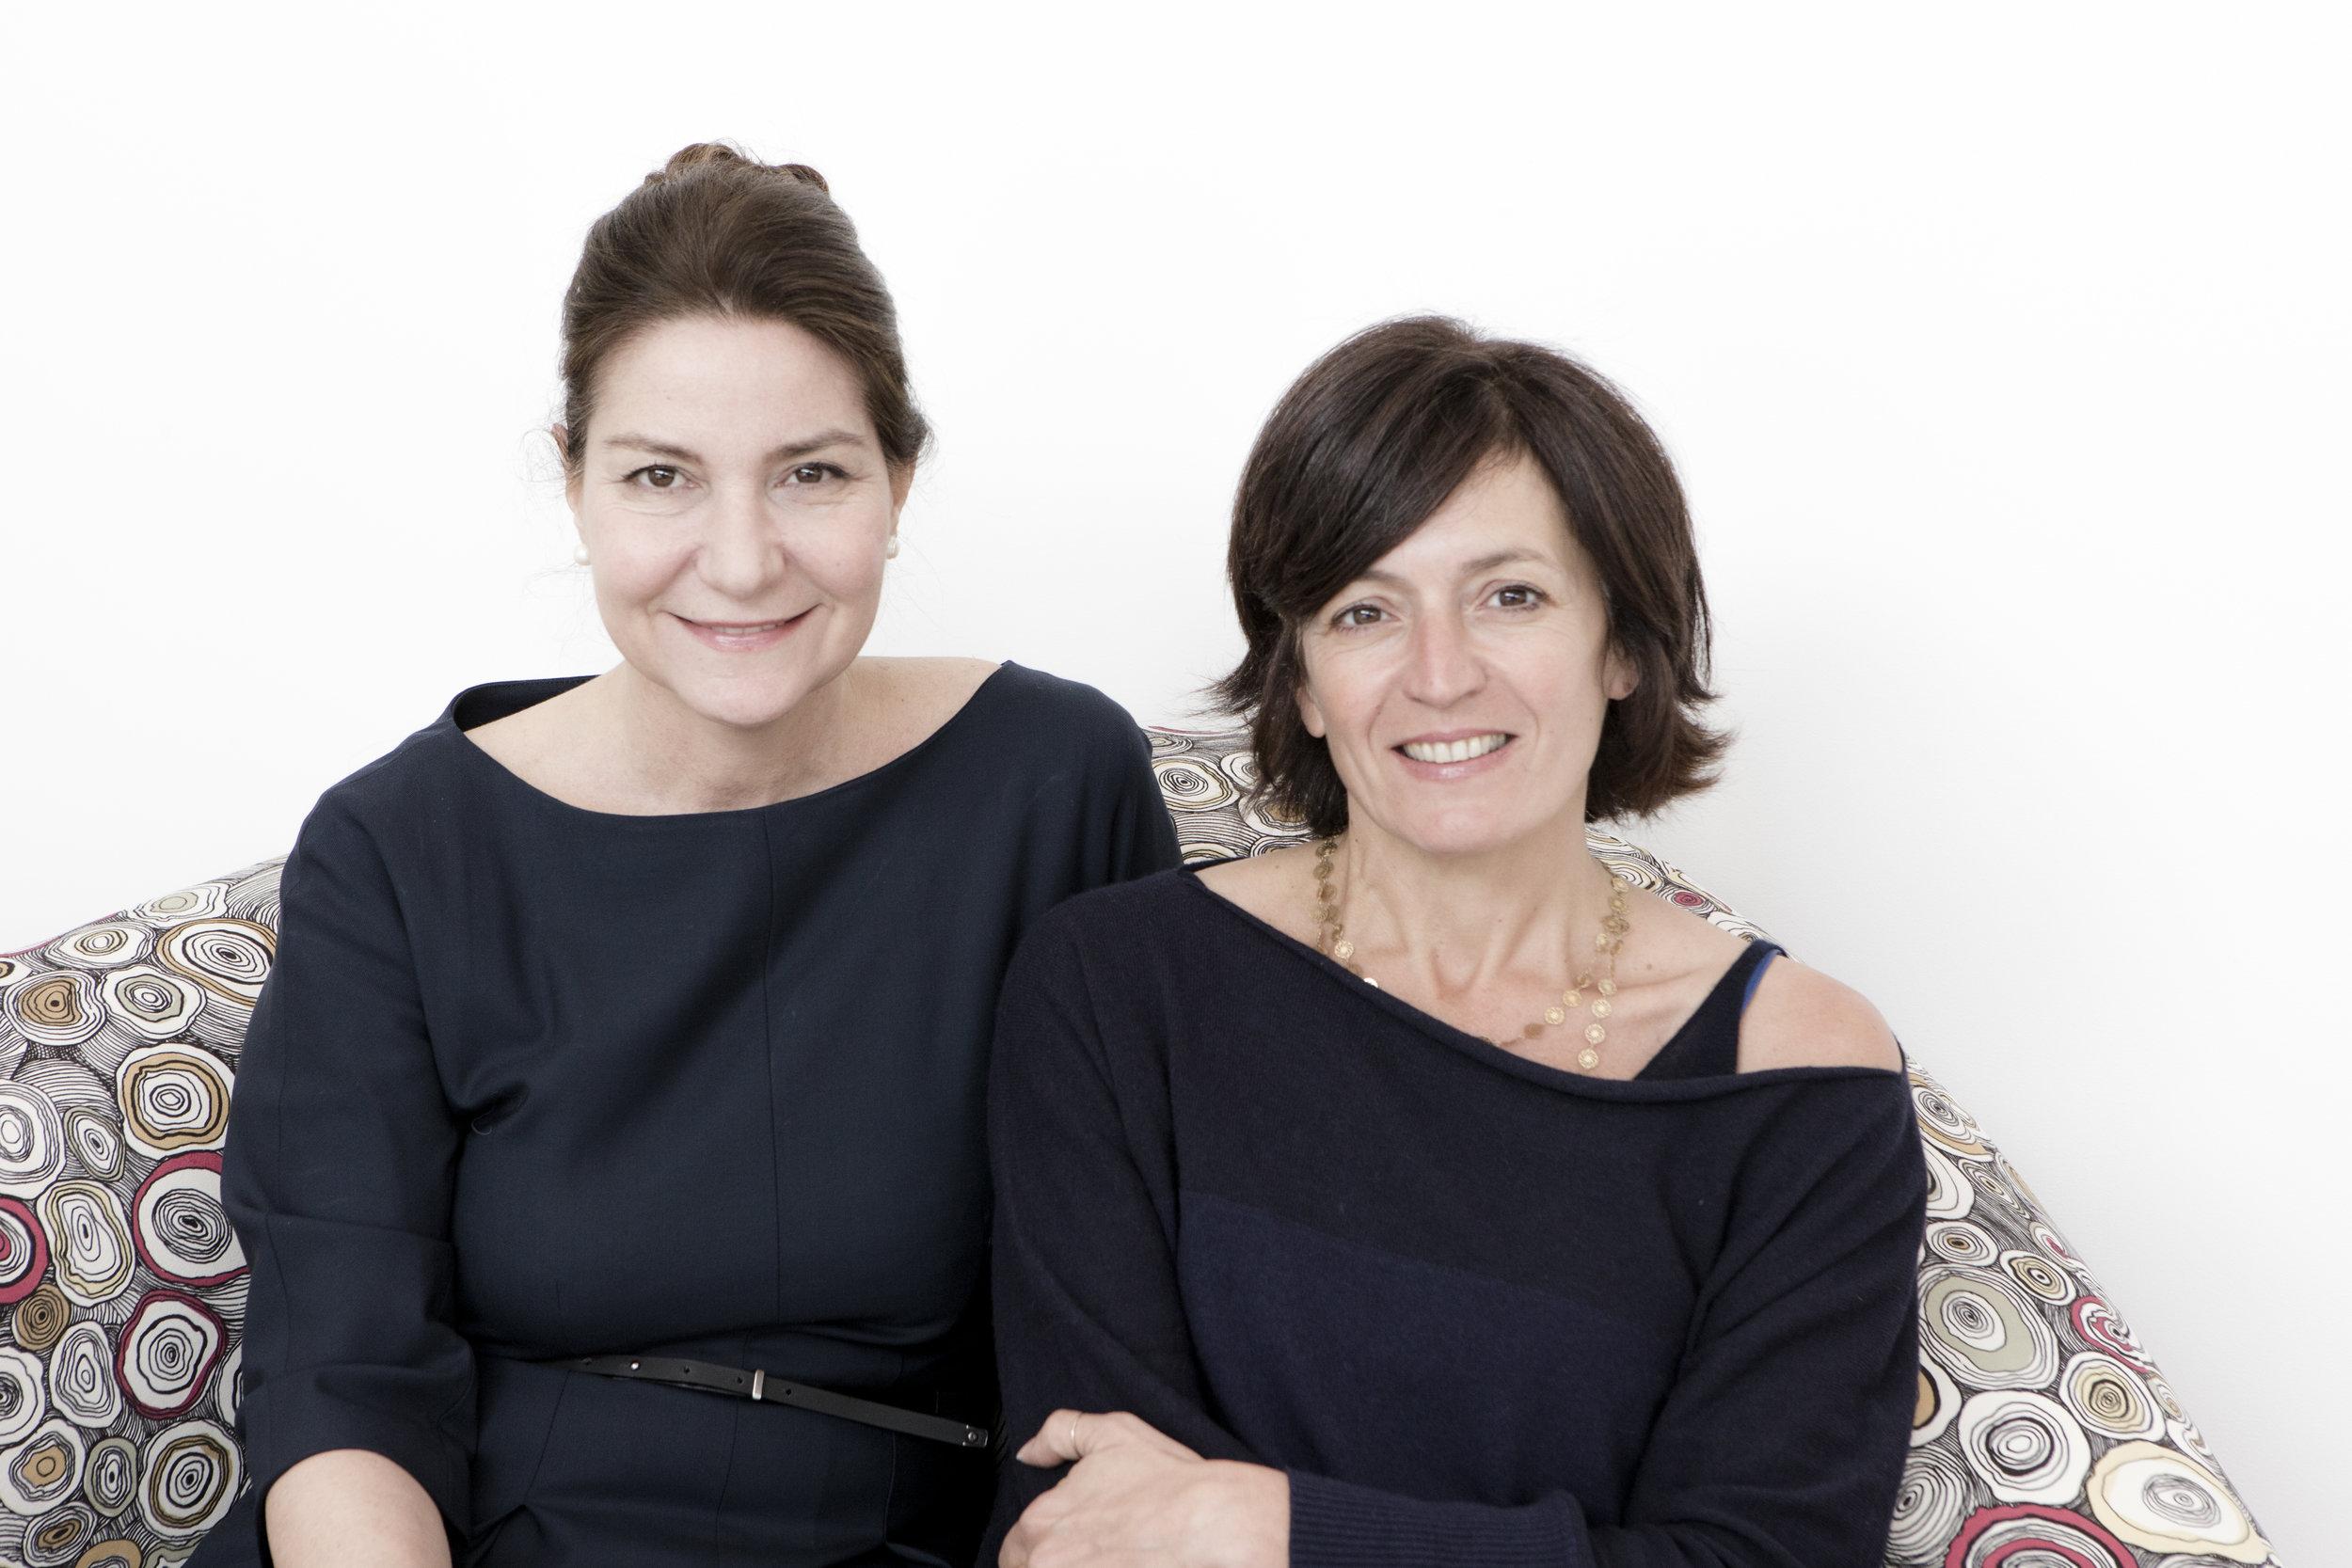 MDFF curators Antonella Dedini and Silvia Robertazzi (left to right)